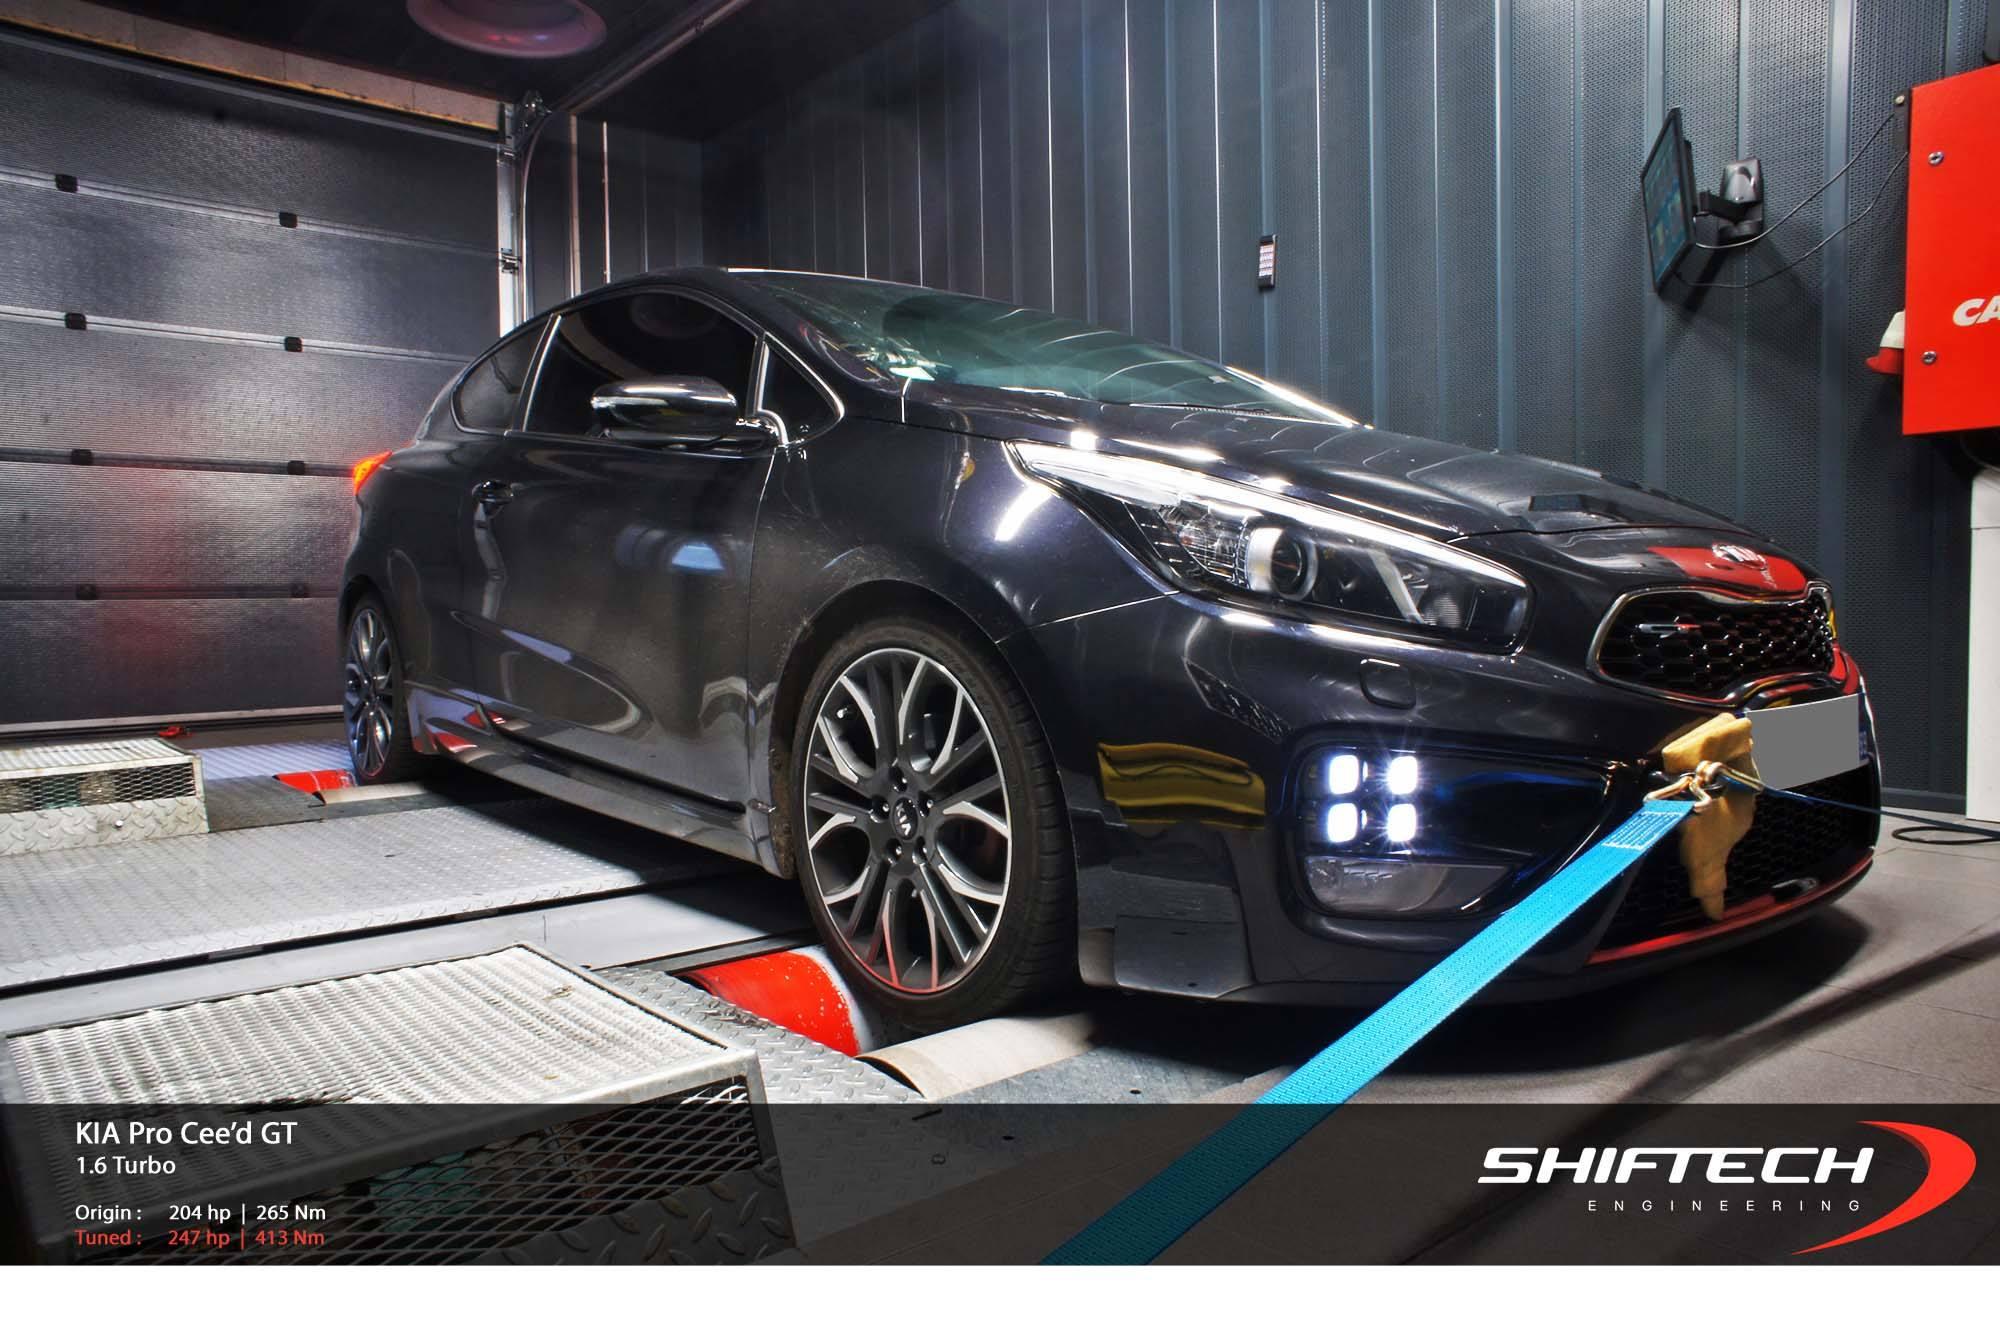 Kia Pro Ceed Gt Race Car